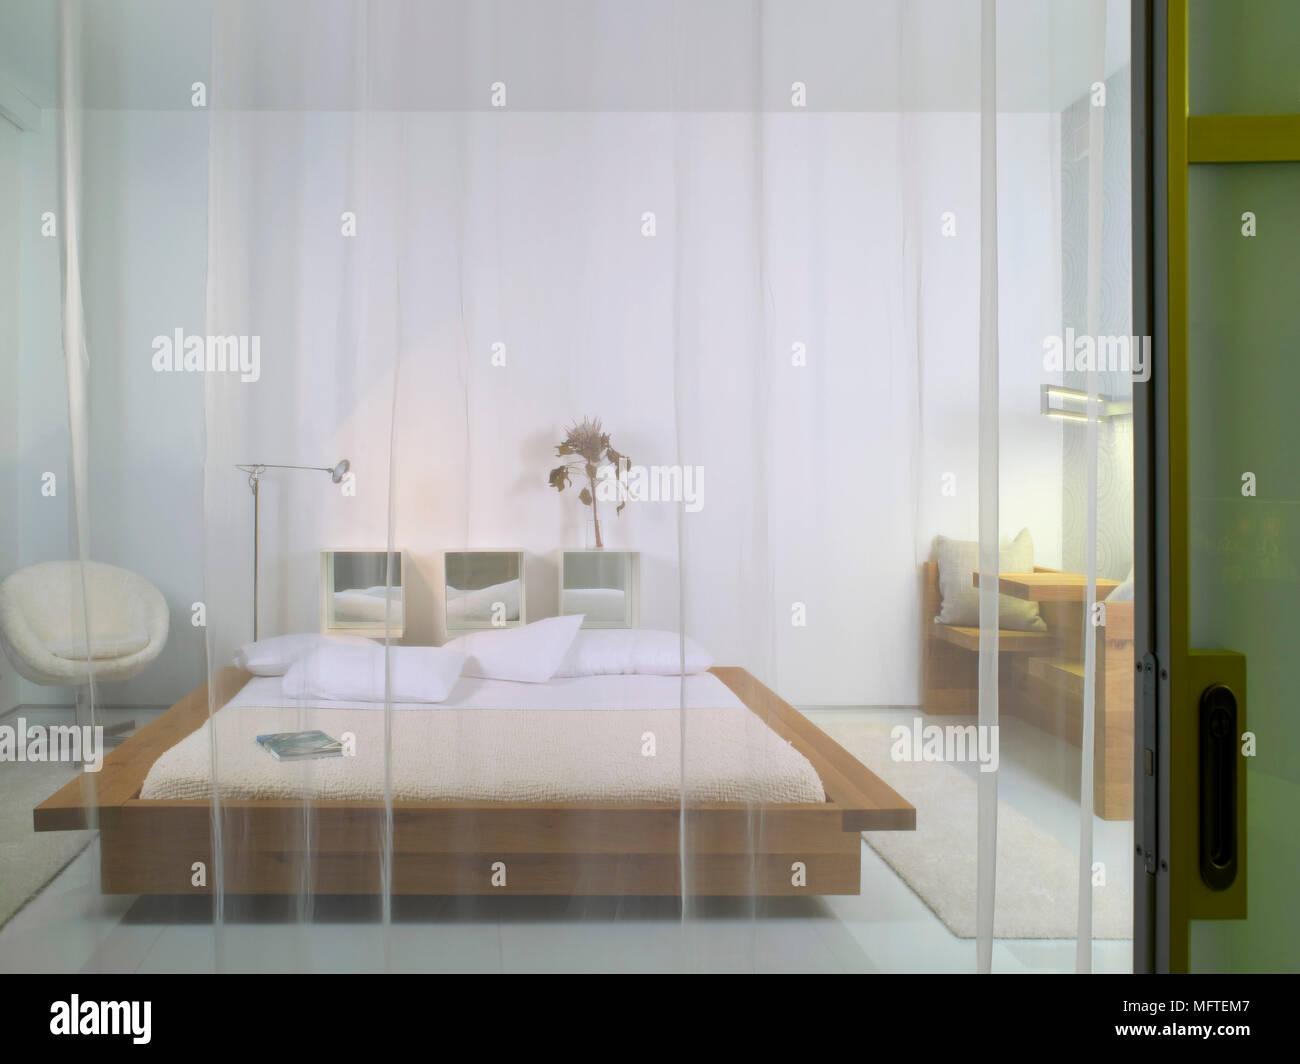 Holz  Plattform Bett Im Modernen Schlafzimmer Durch Schiere Vorhang Gesehen